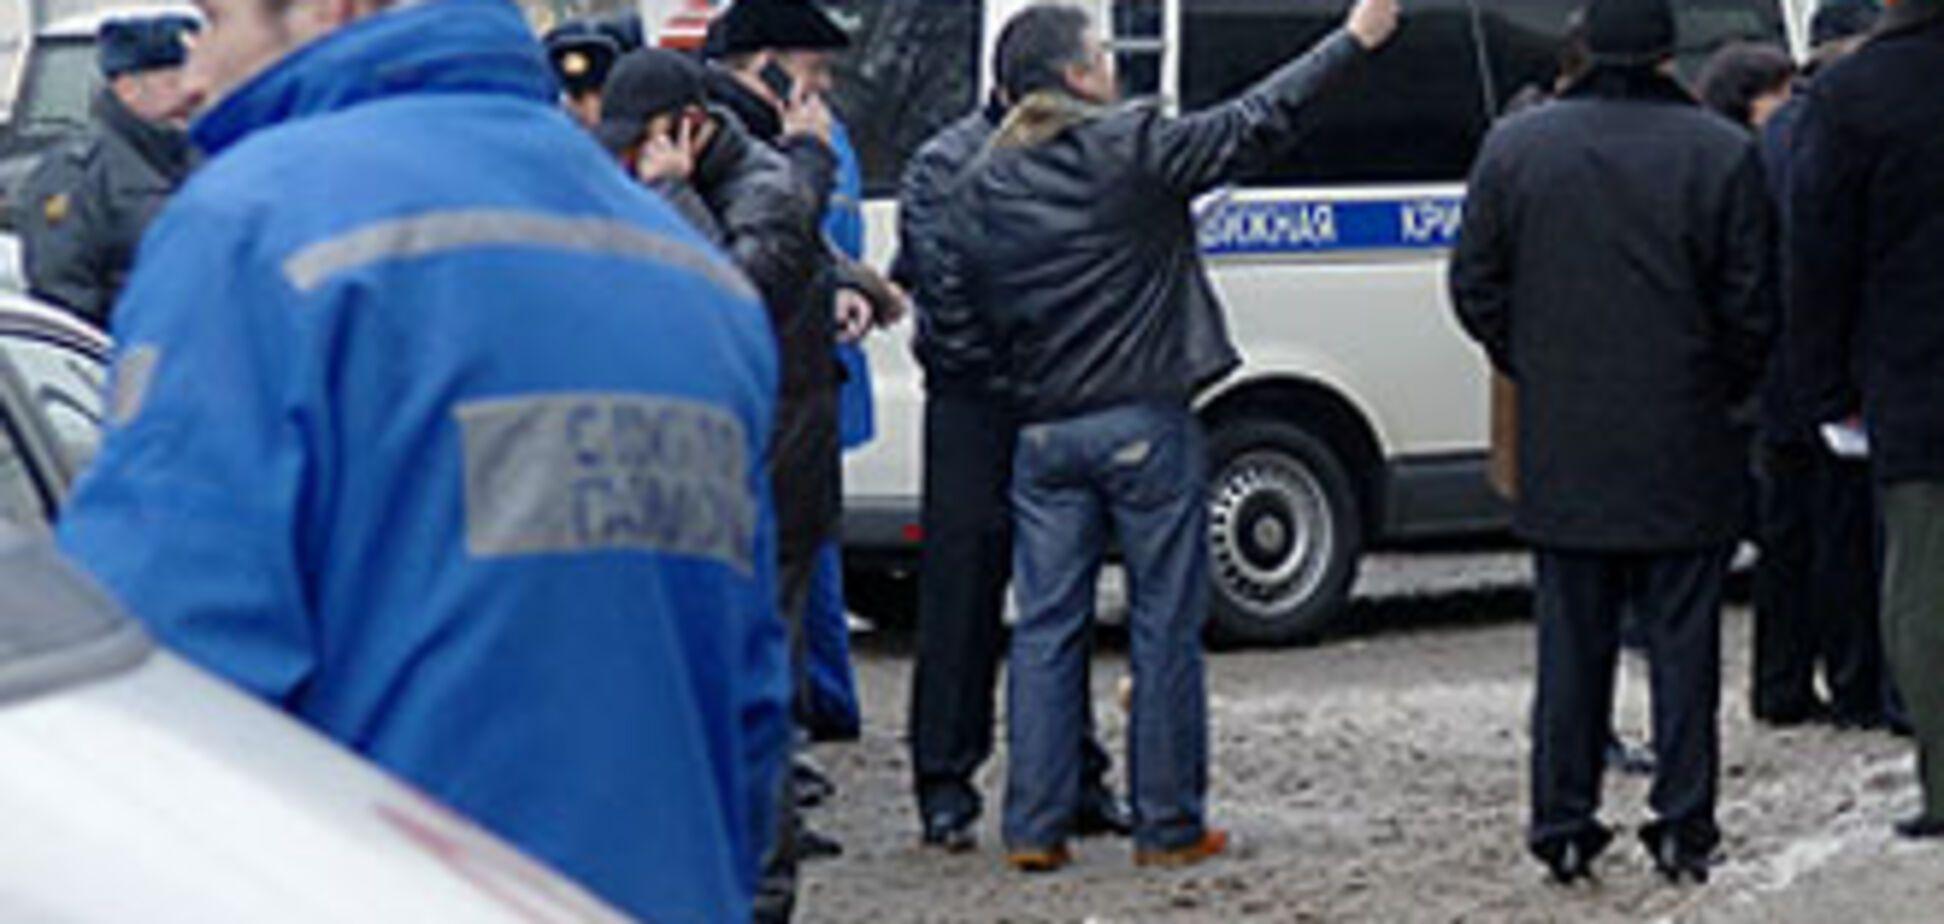 Кількість жертв стрілянини в московському супермаркеті збільшилася